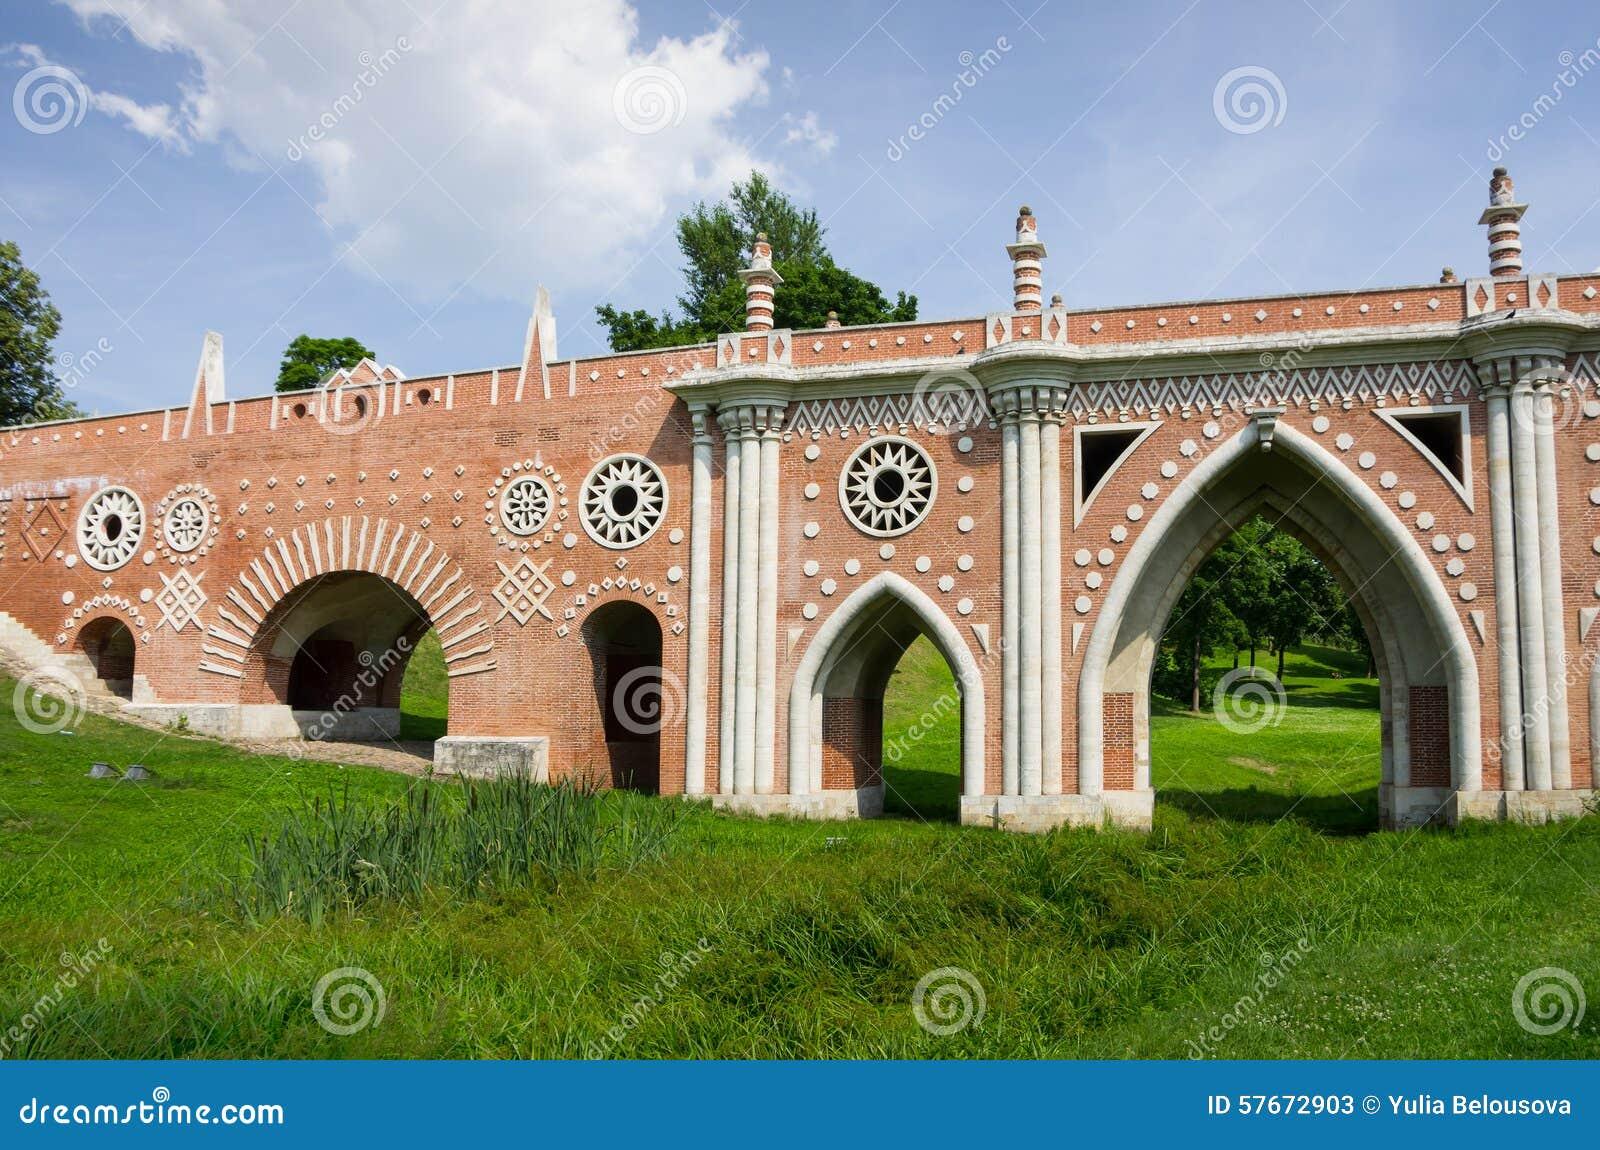 Bridge at Tsatitsino